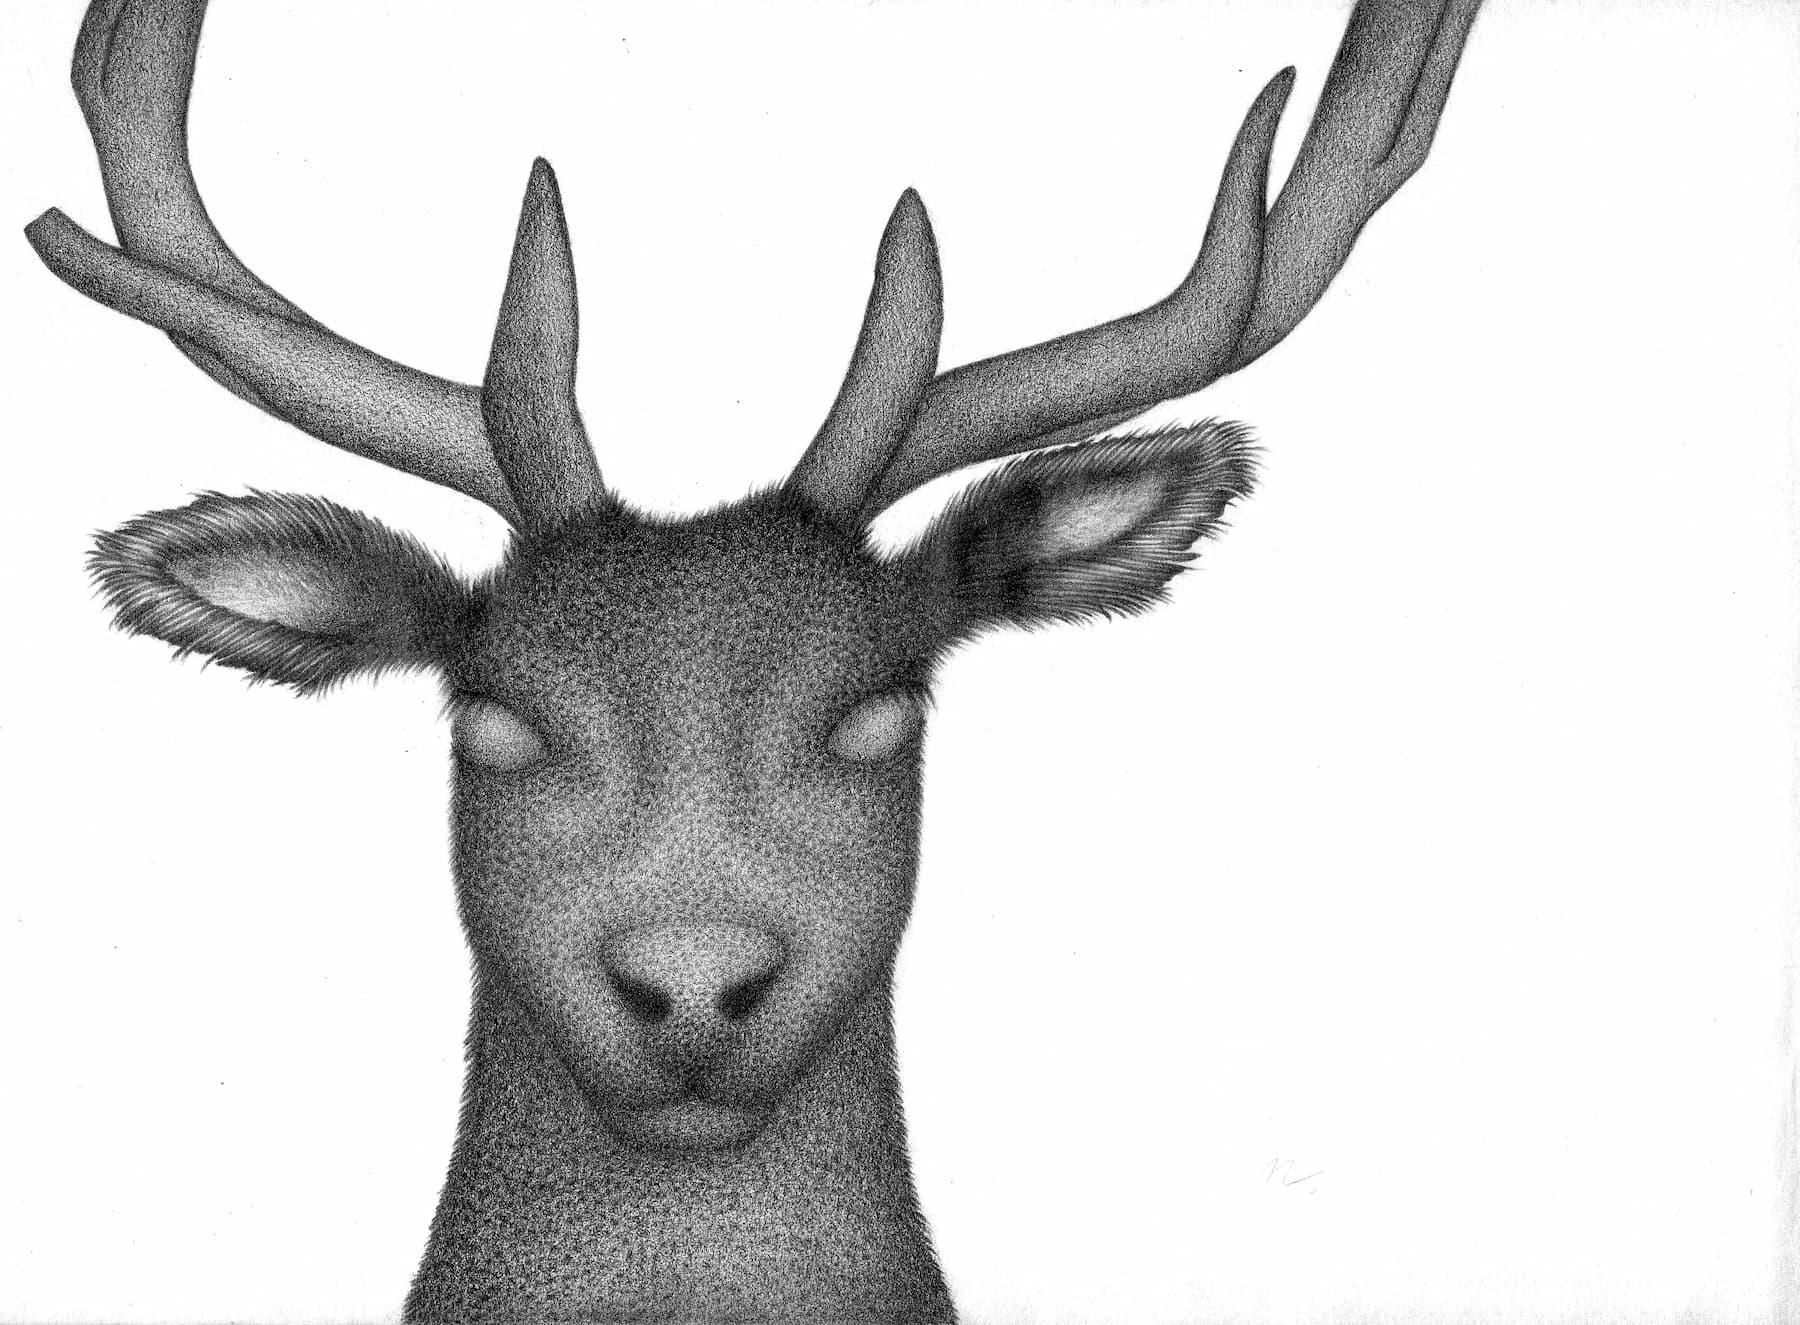 Der Hirsch - 21cm x 28,2cm - Bleistift auf Papier